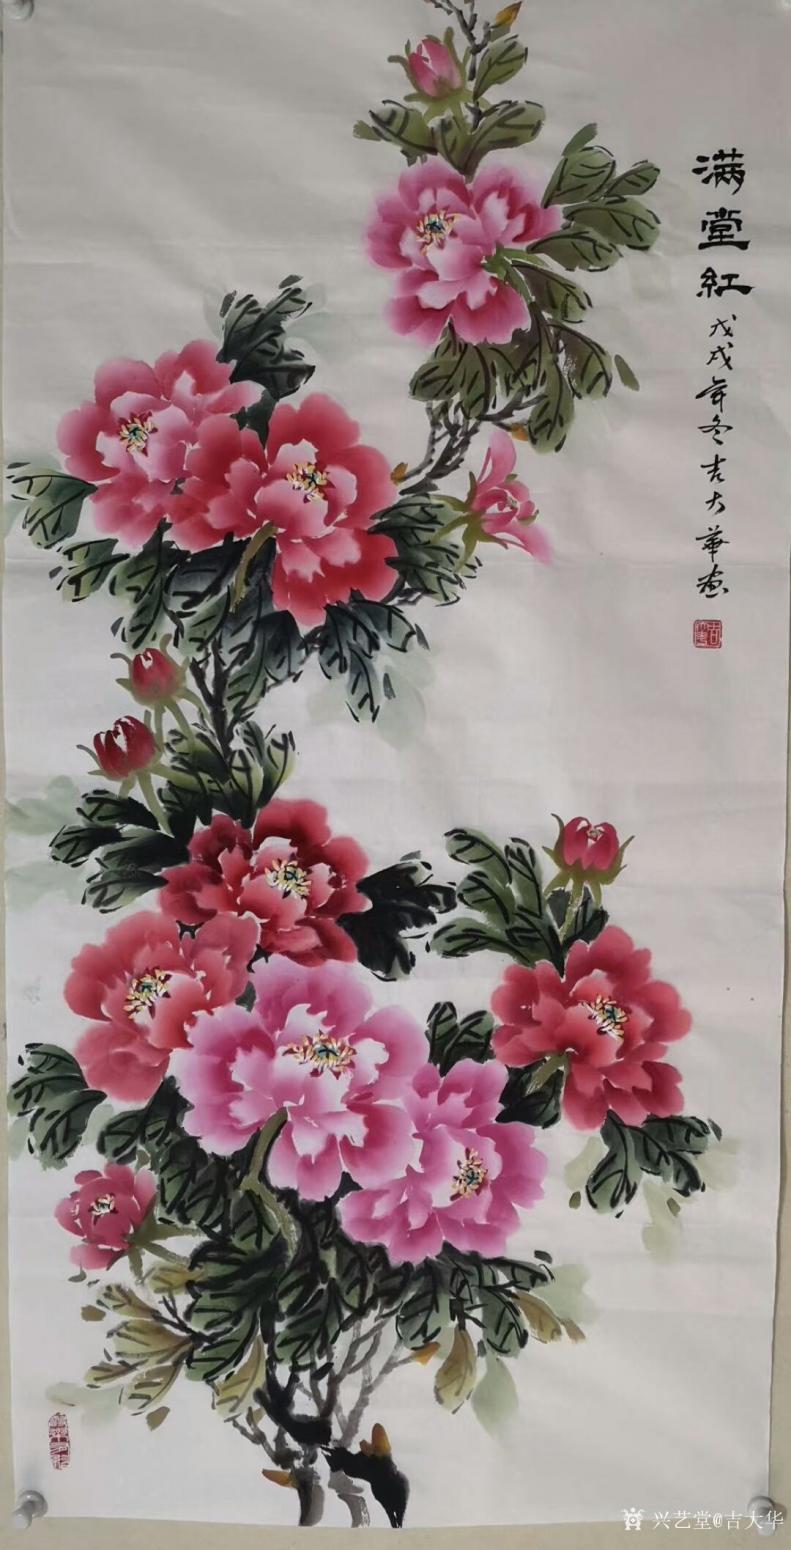 吉大华国画作品《牡丹-满堂红》